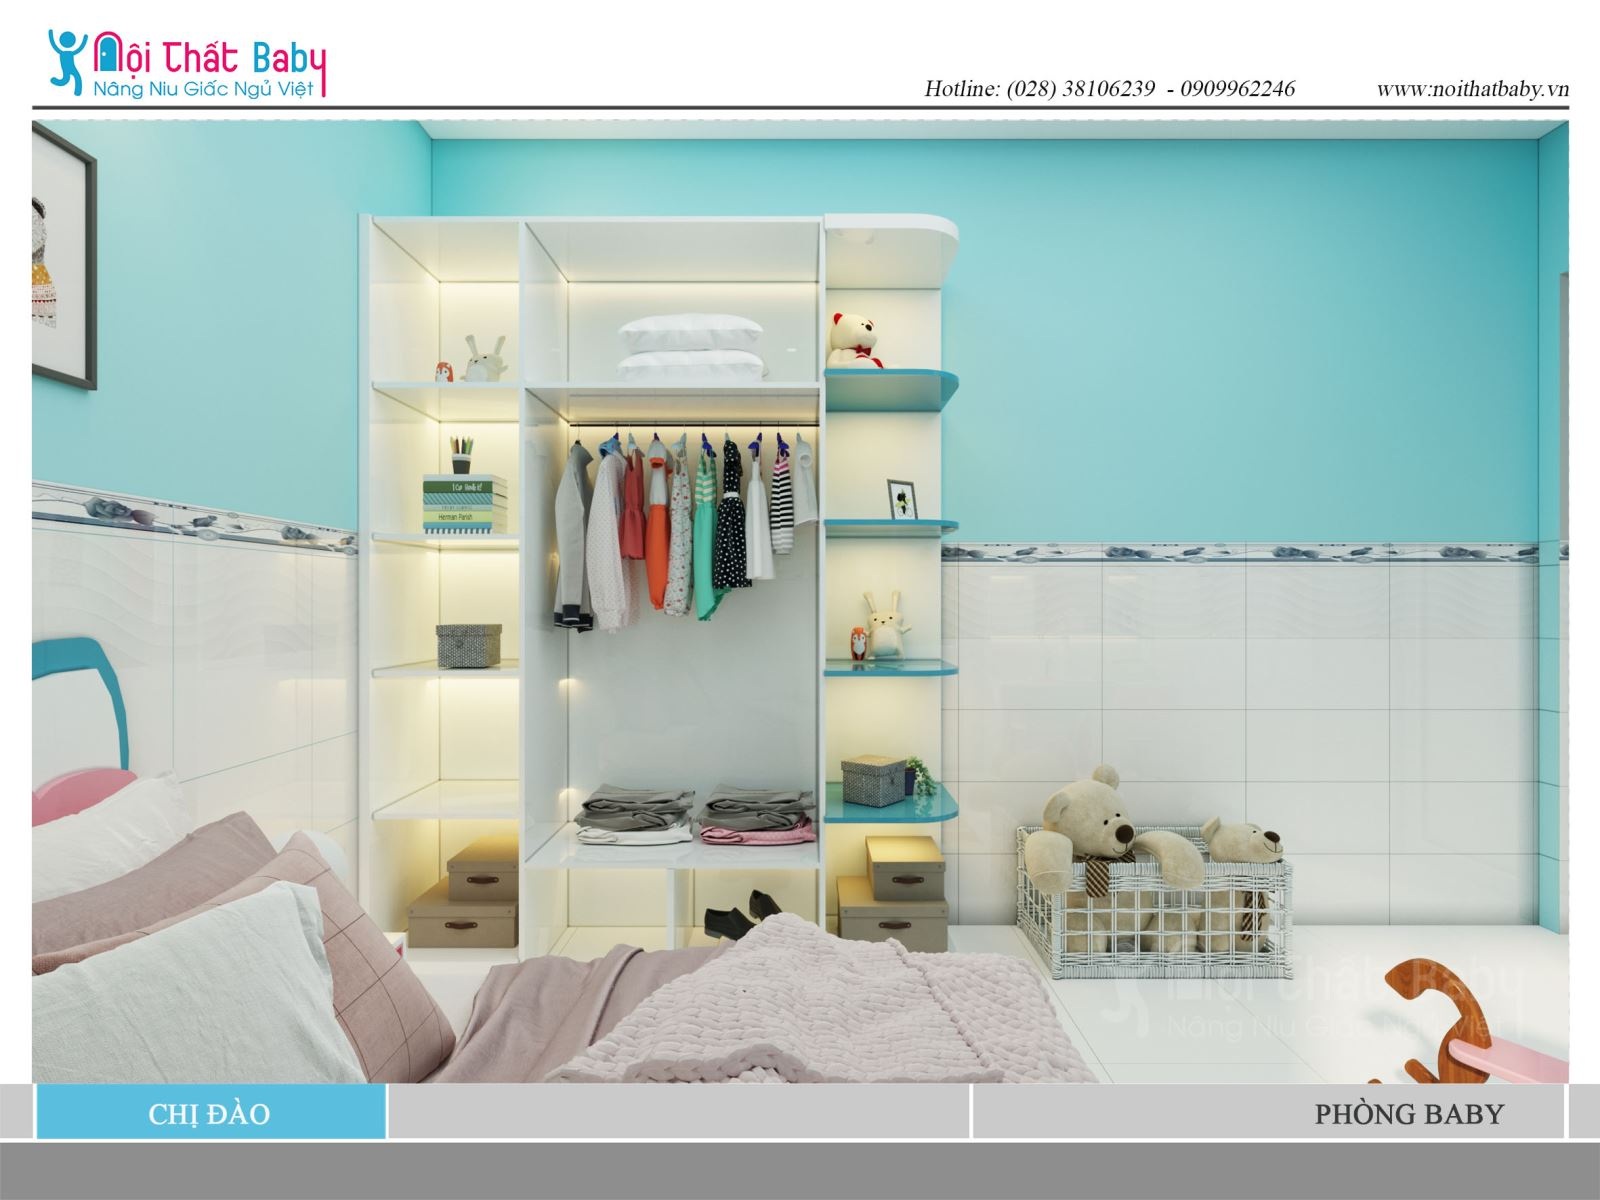 Tổng hợp những mẫu tủ quần áo tiện nghi và đẹp cho căn phòng ngủ baby